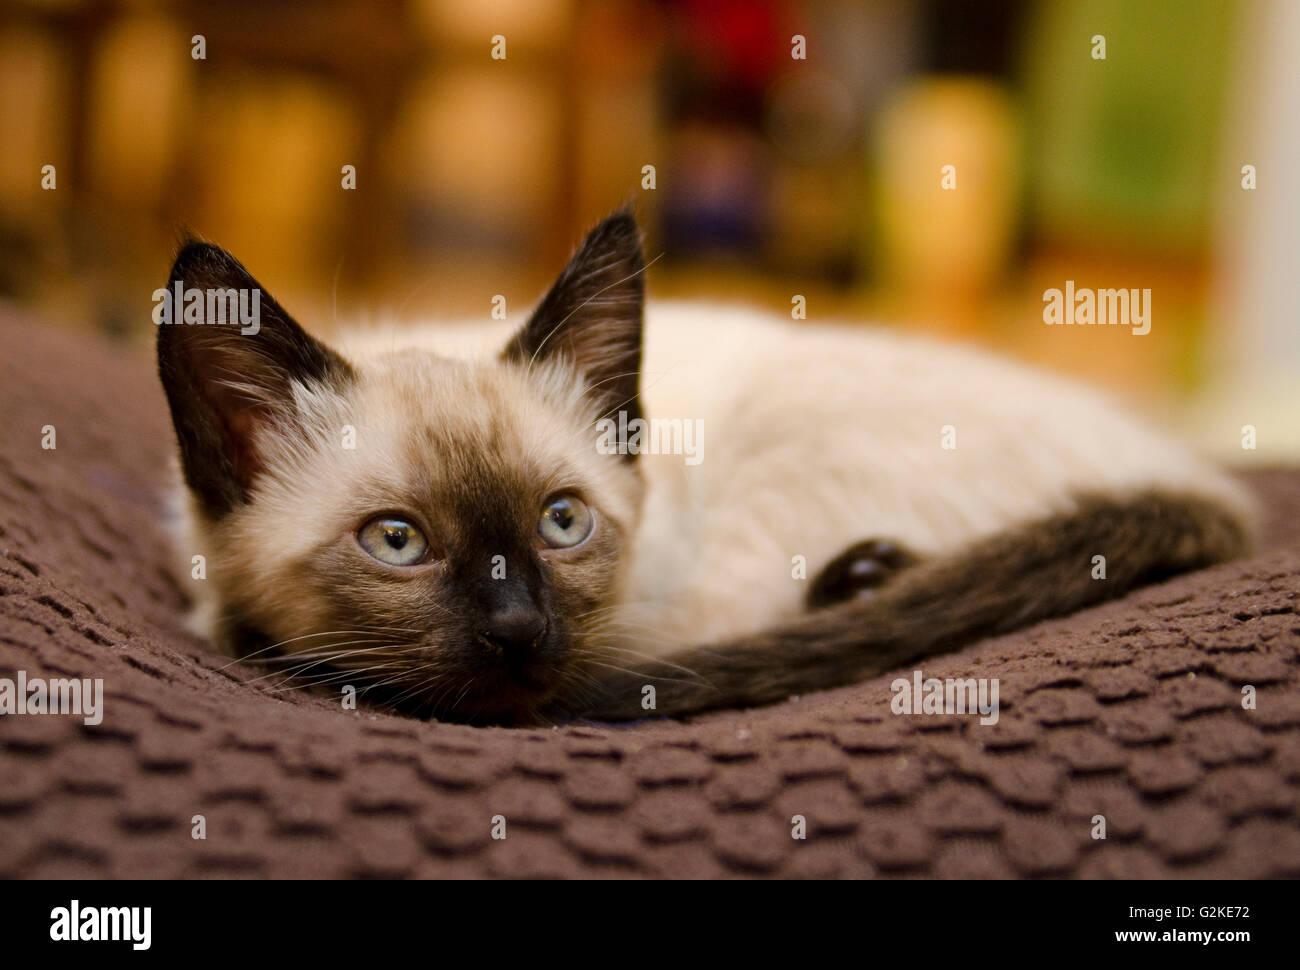 Siamese gattino riposa serenamente in una casa in Enderby, British Columbia, Canada Immagini Stock